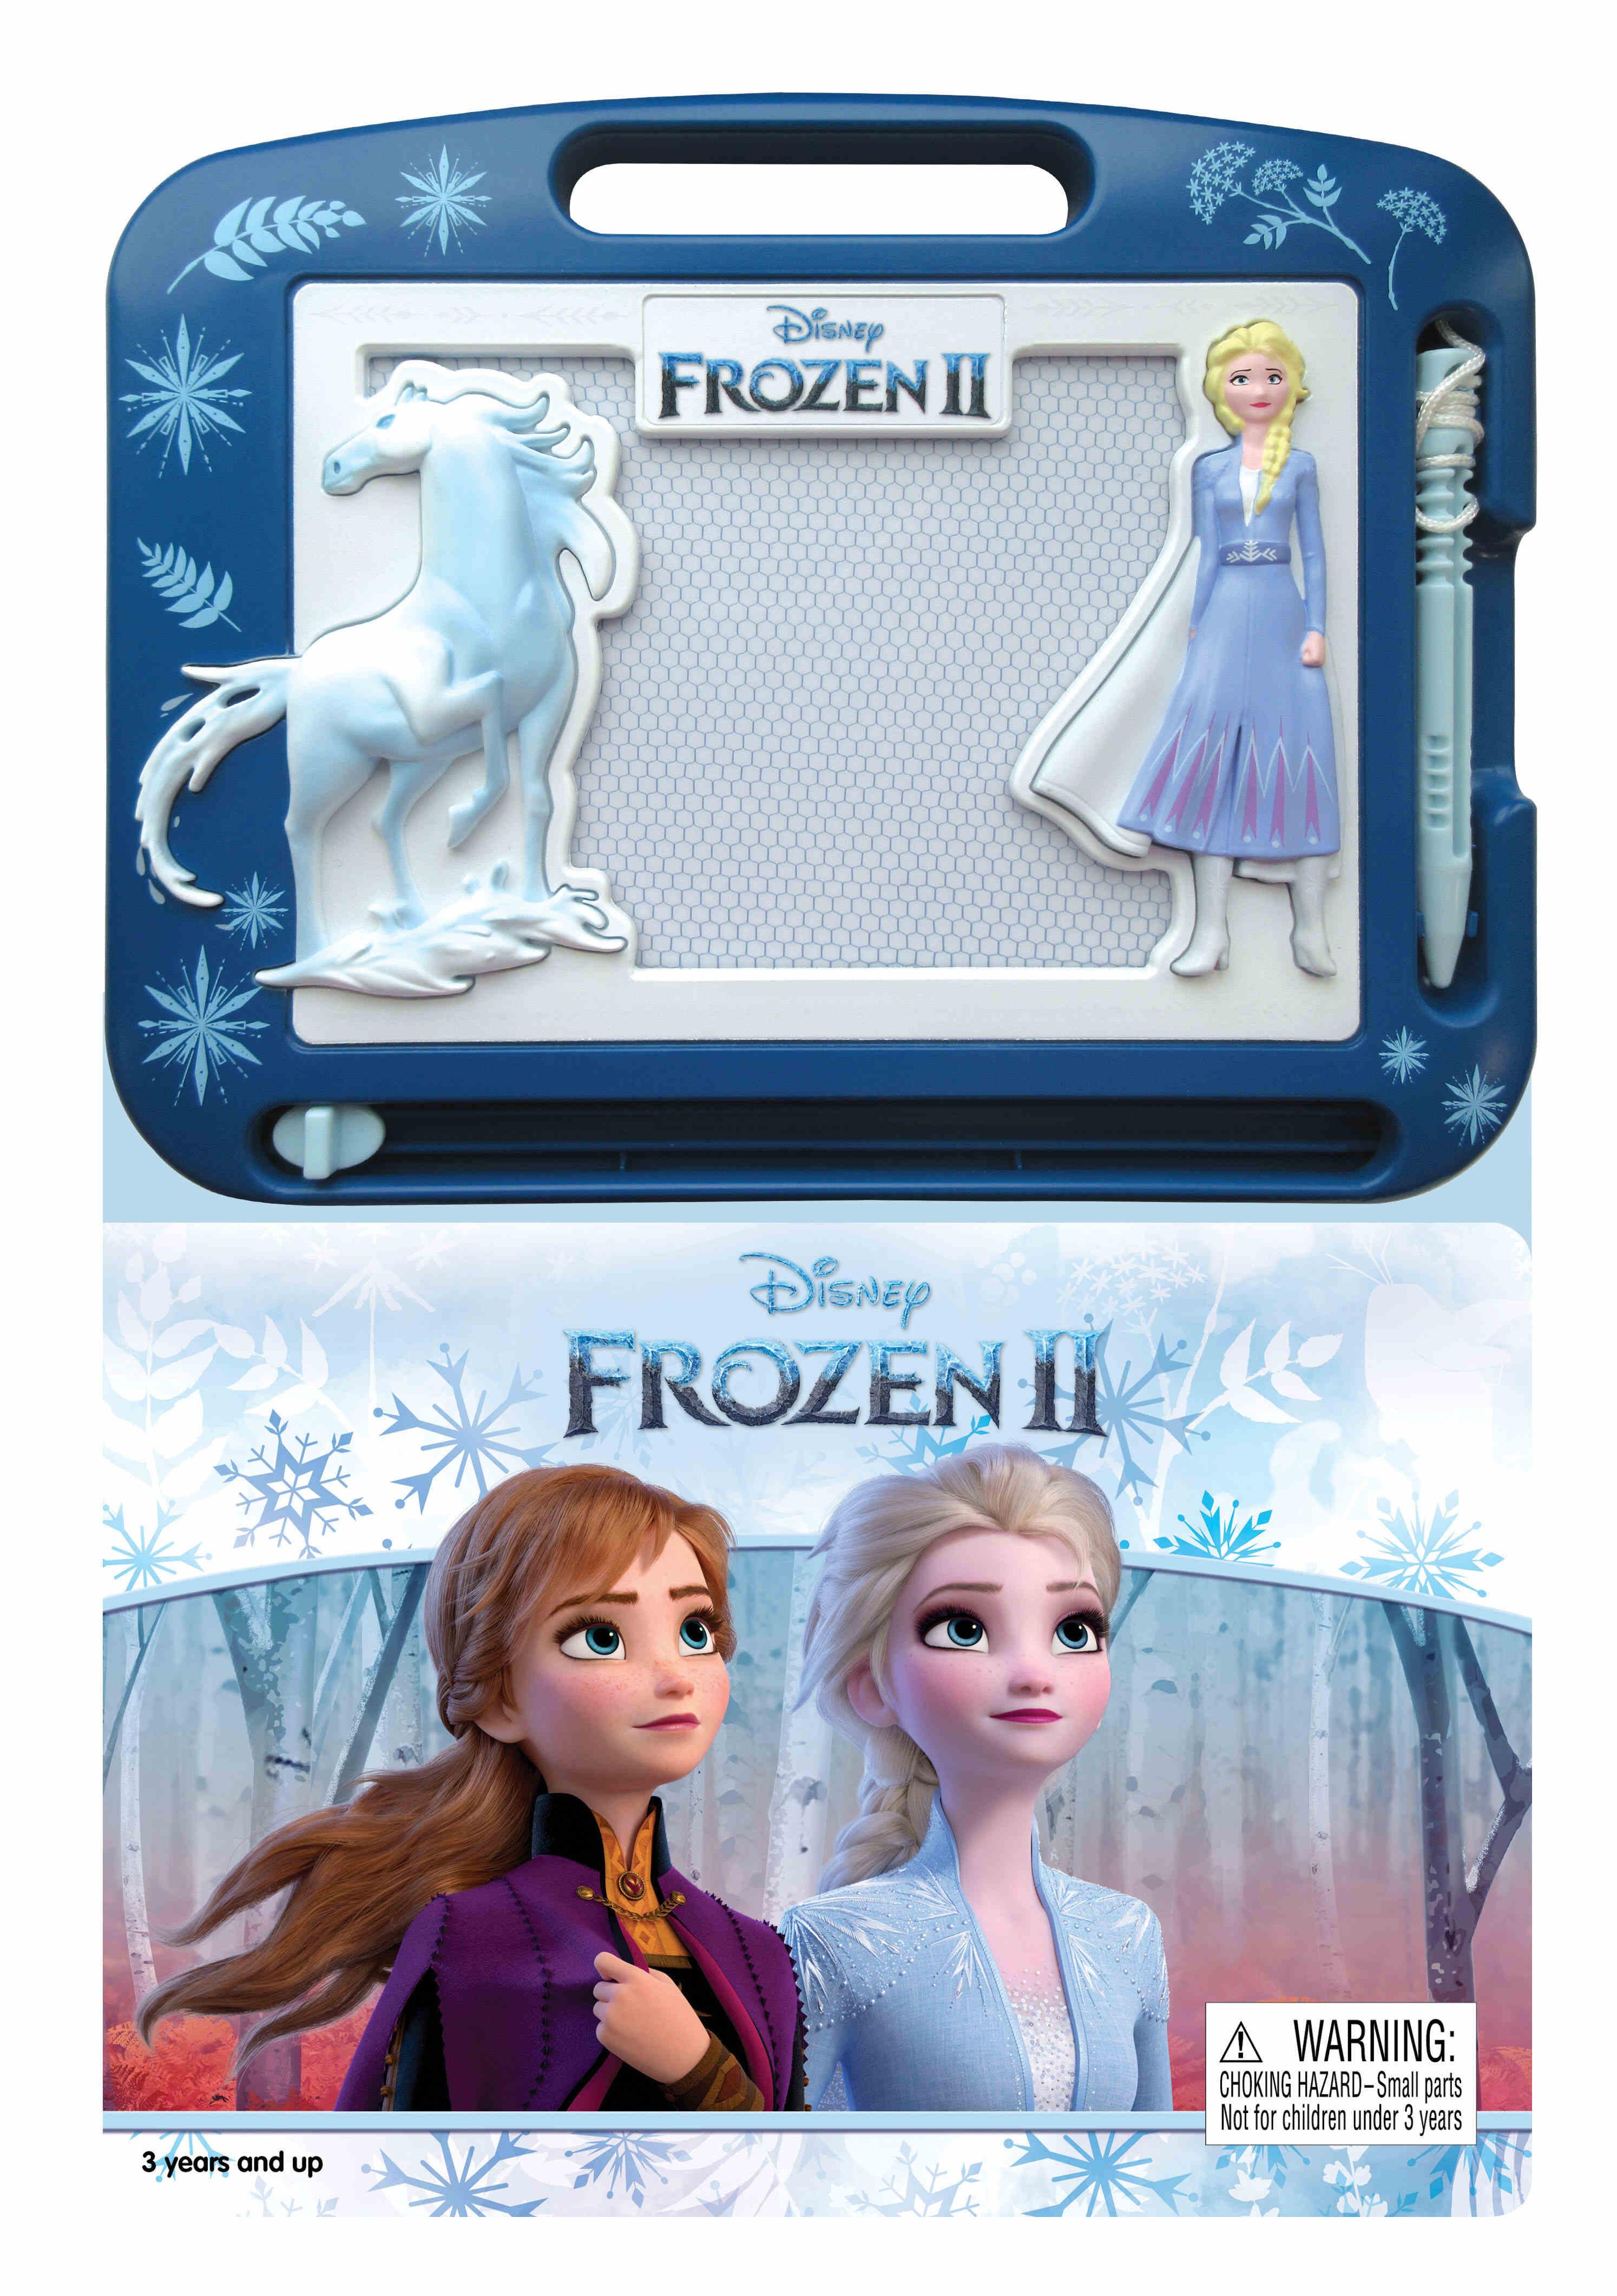 Disney Frozen 2 - Learning Series